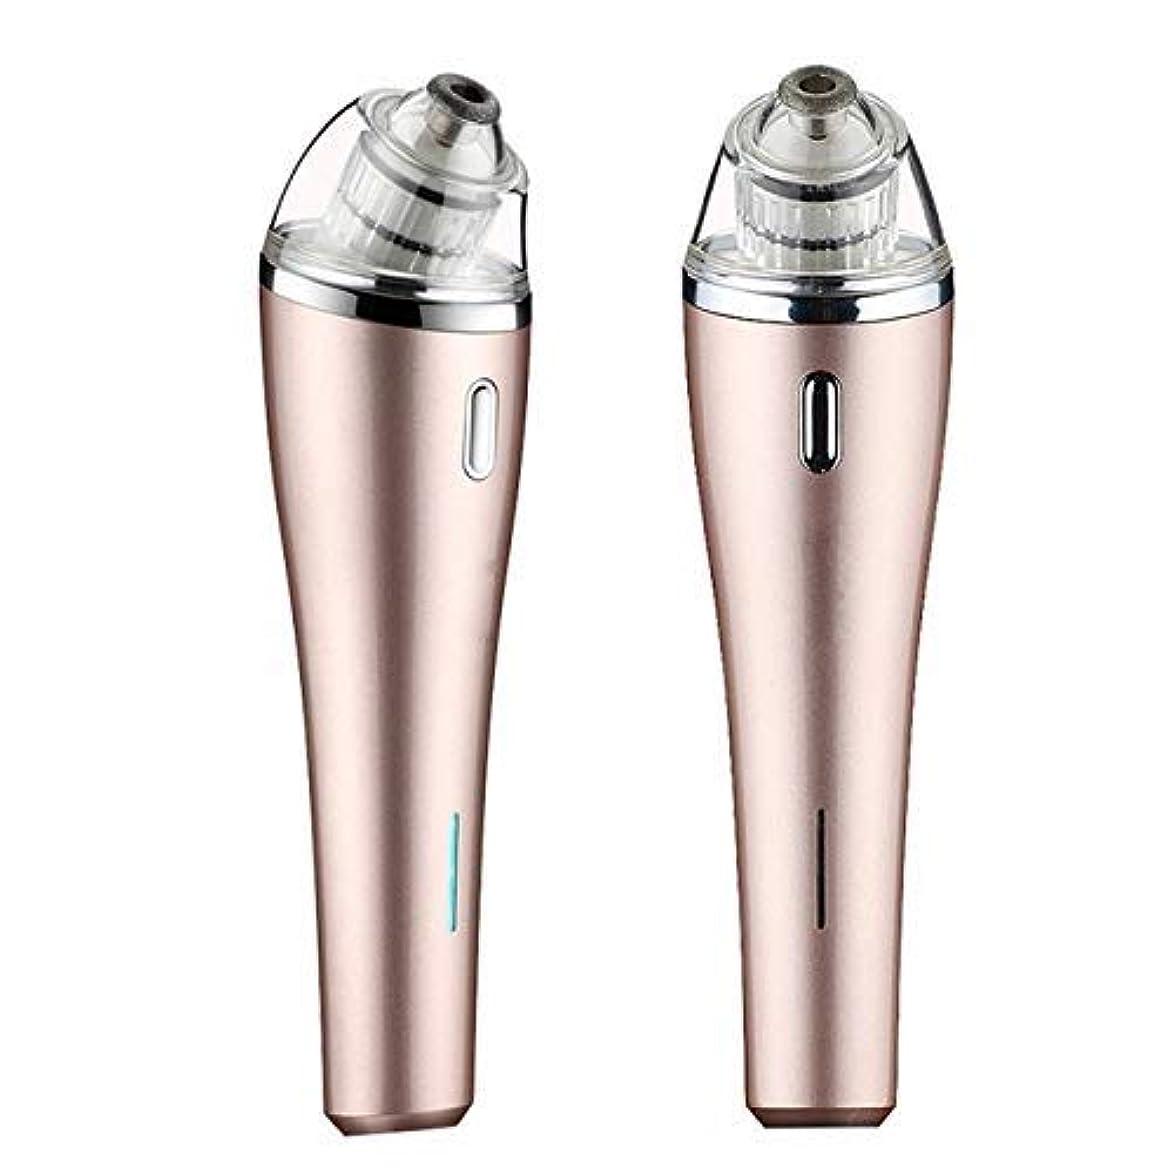 知恵カラス驚電気にきび楽器多機能ホーム顔の毛穴クリーニング美容機器usb充電式にきび真空抽出器、ピンク (Color : Gold)